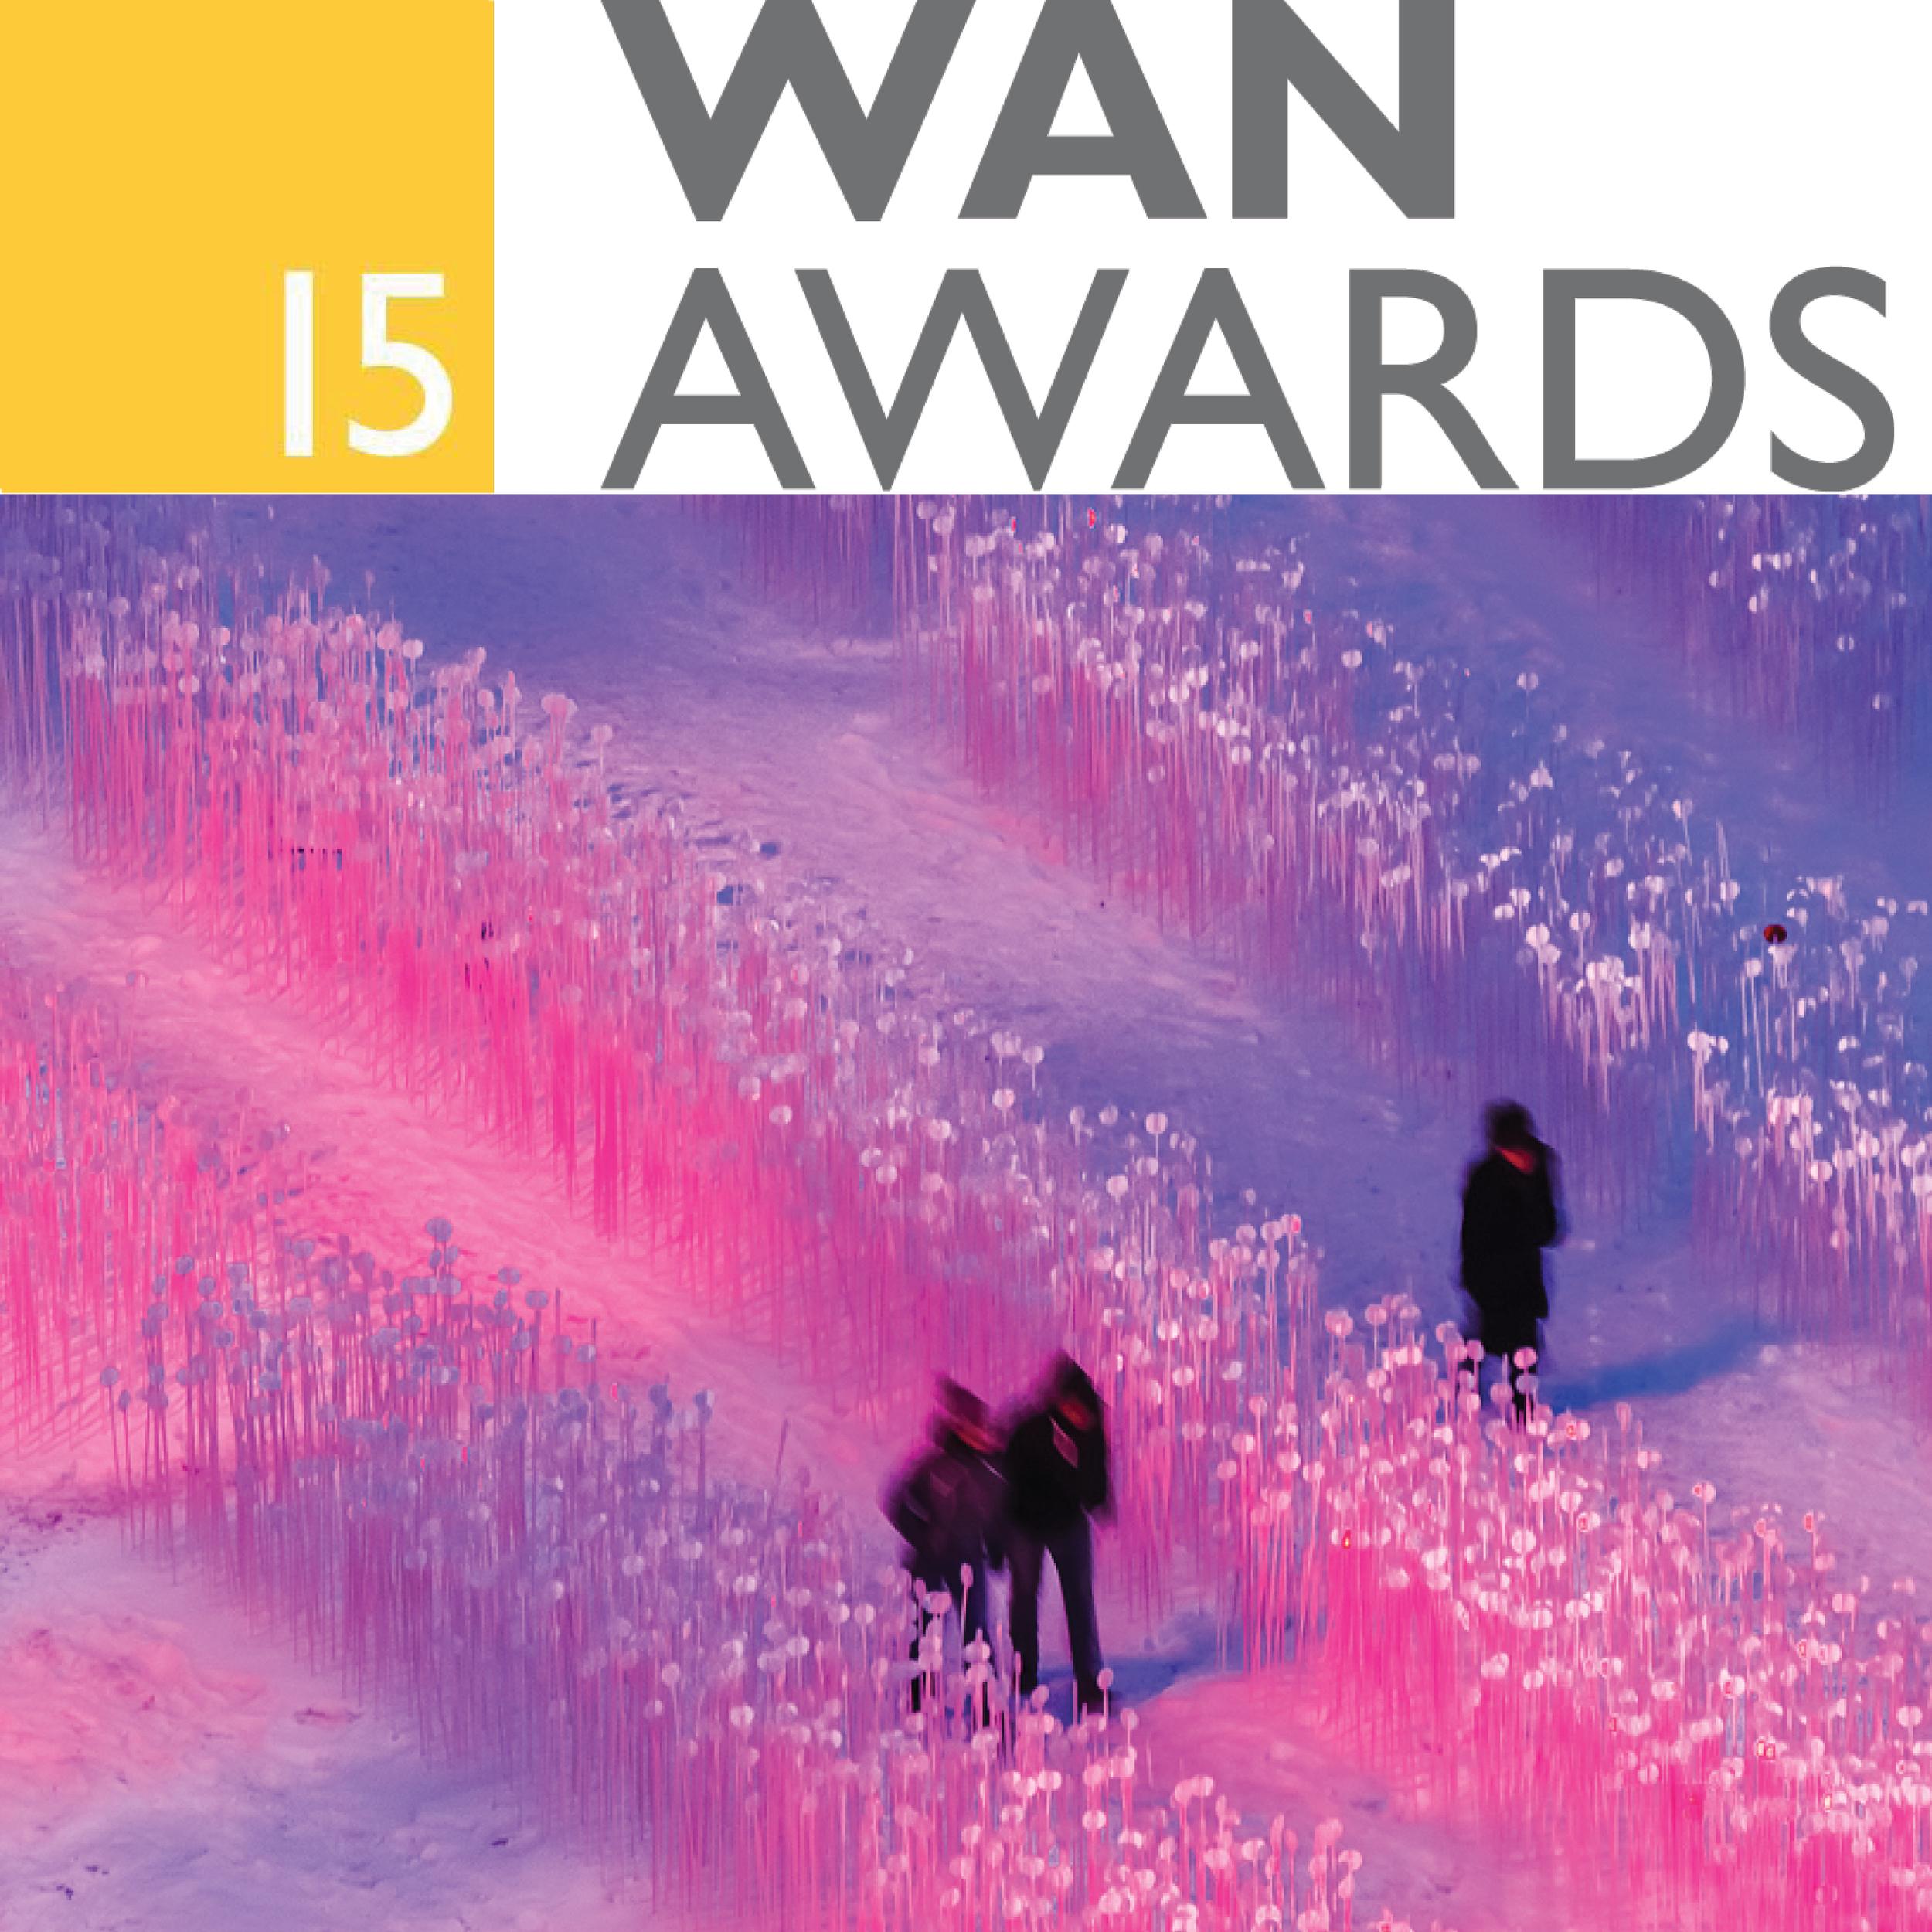 PRIX WORLD ARCHITECTURE NEWS - Mention spéciale: Entre les rangs